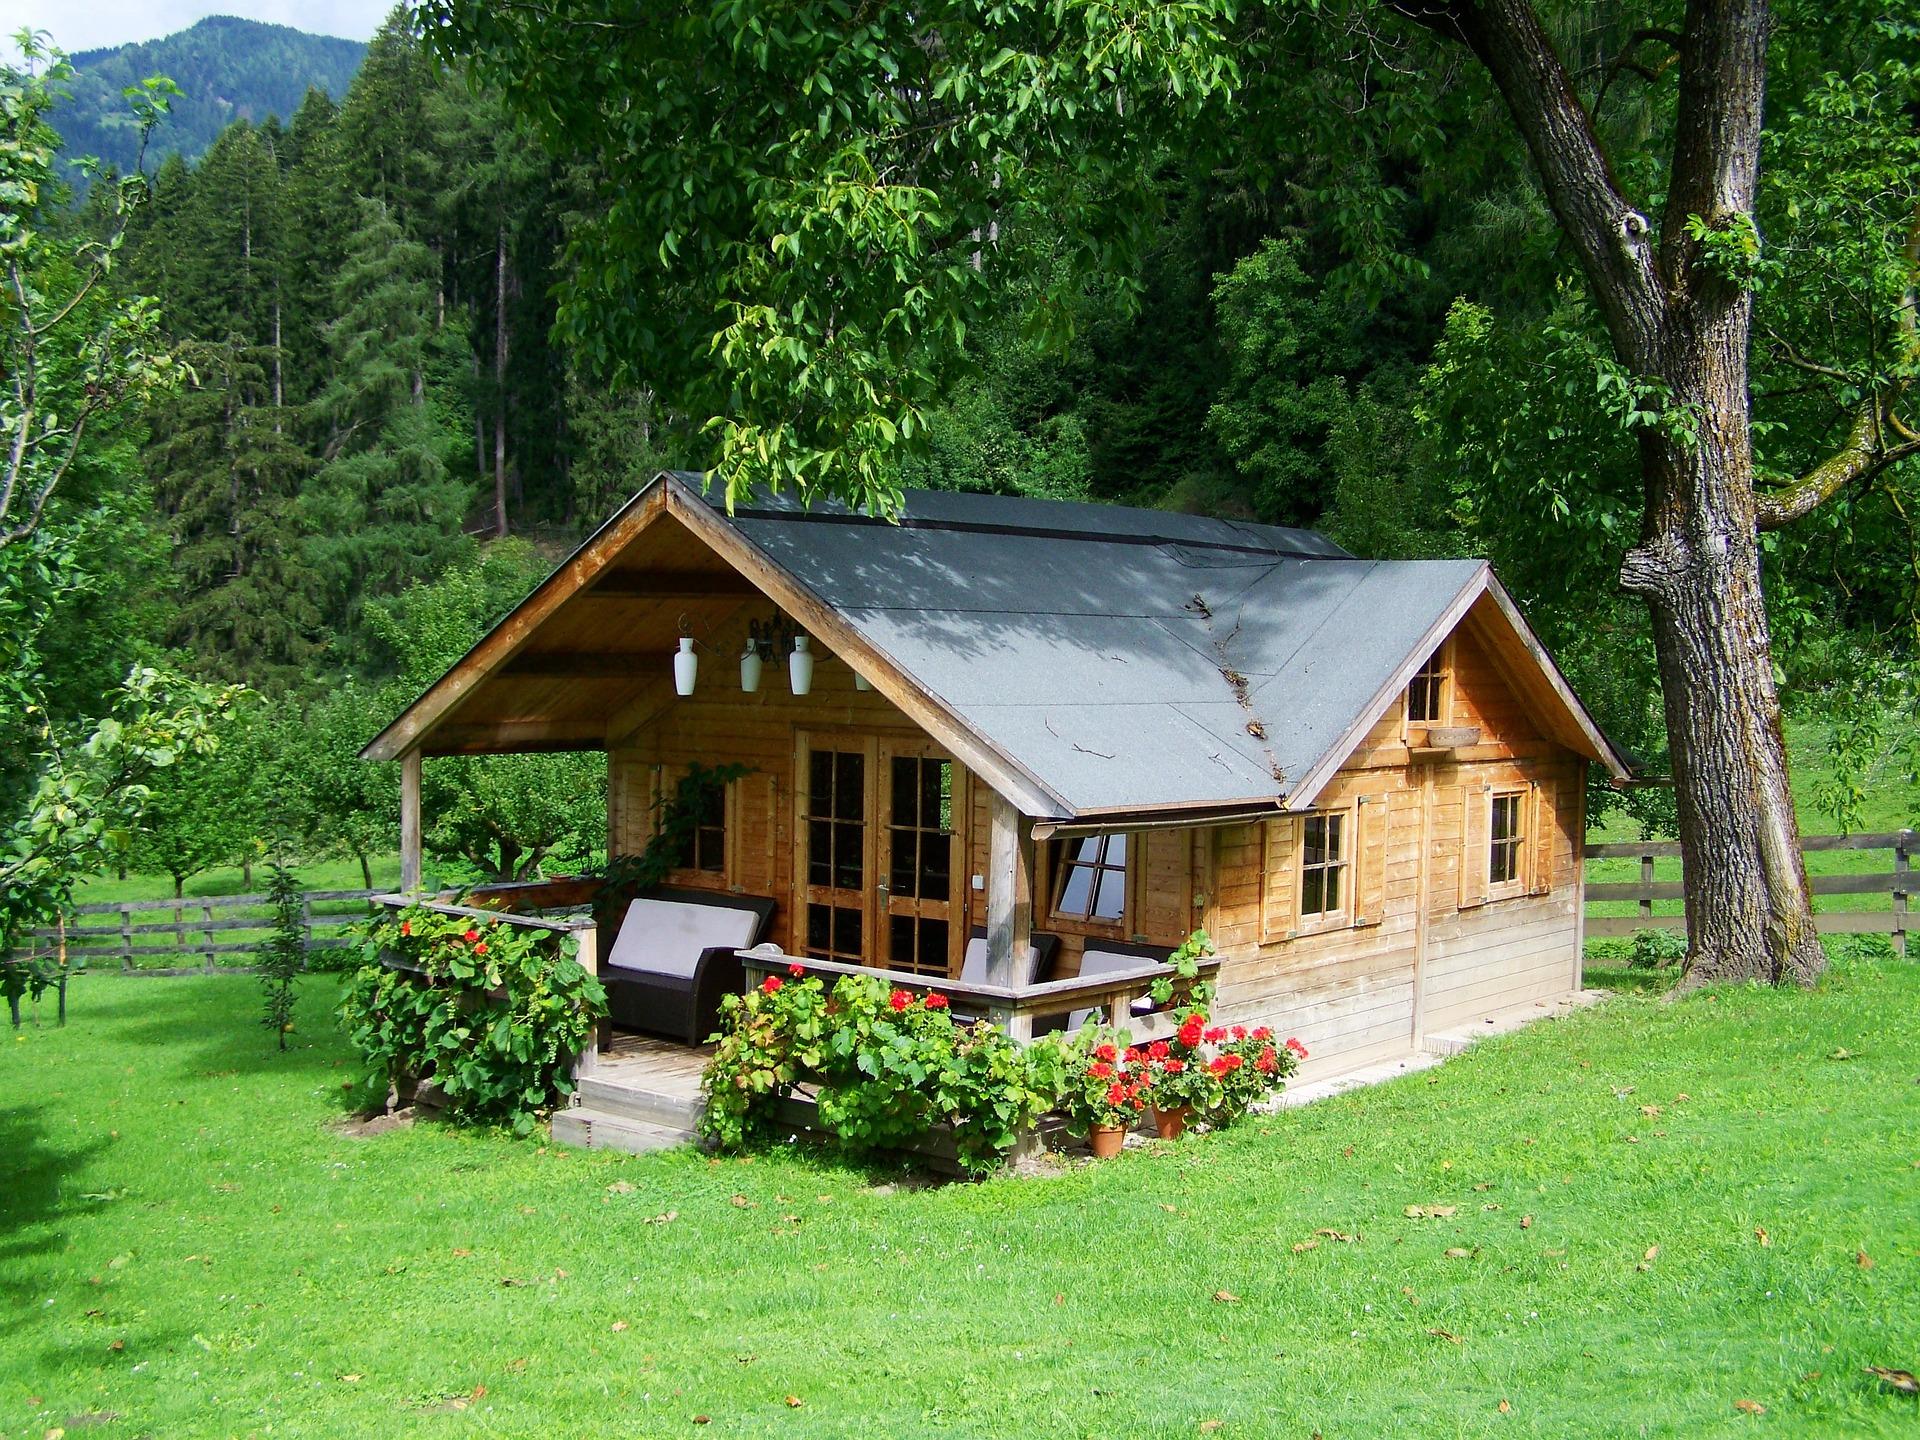 Die Schonsten Holzhauser Bausatze Die Man Sich Bestellen Kann